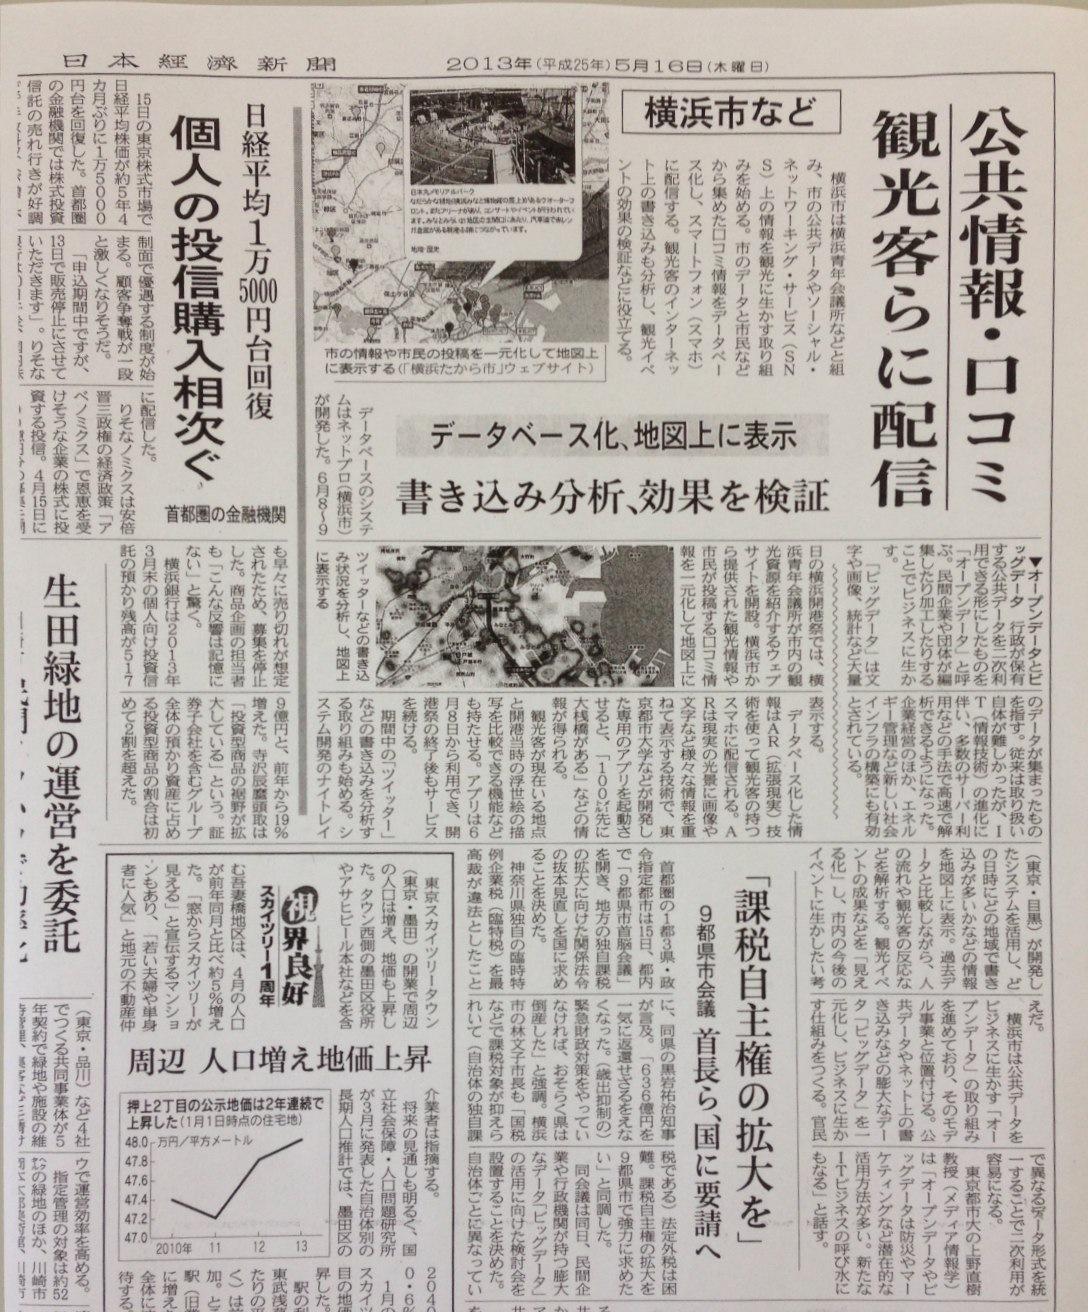 日経新聞の掲載面